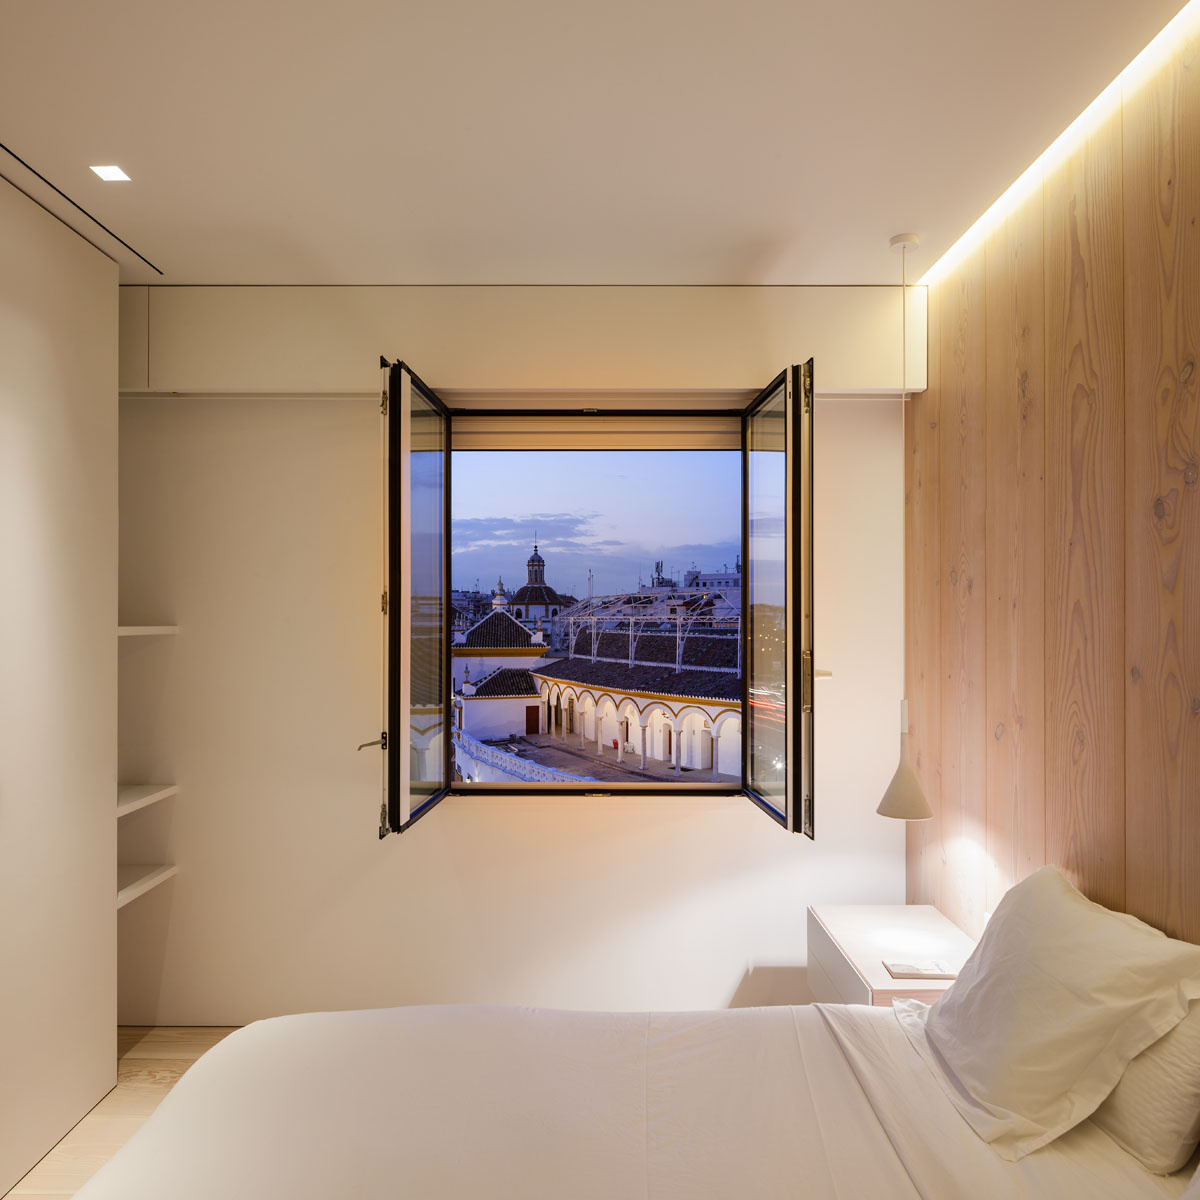 1610 - Fantástico y moderno ático en Sevilla de elegante y cálido diseño minimalista